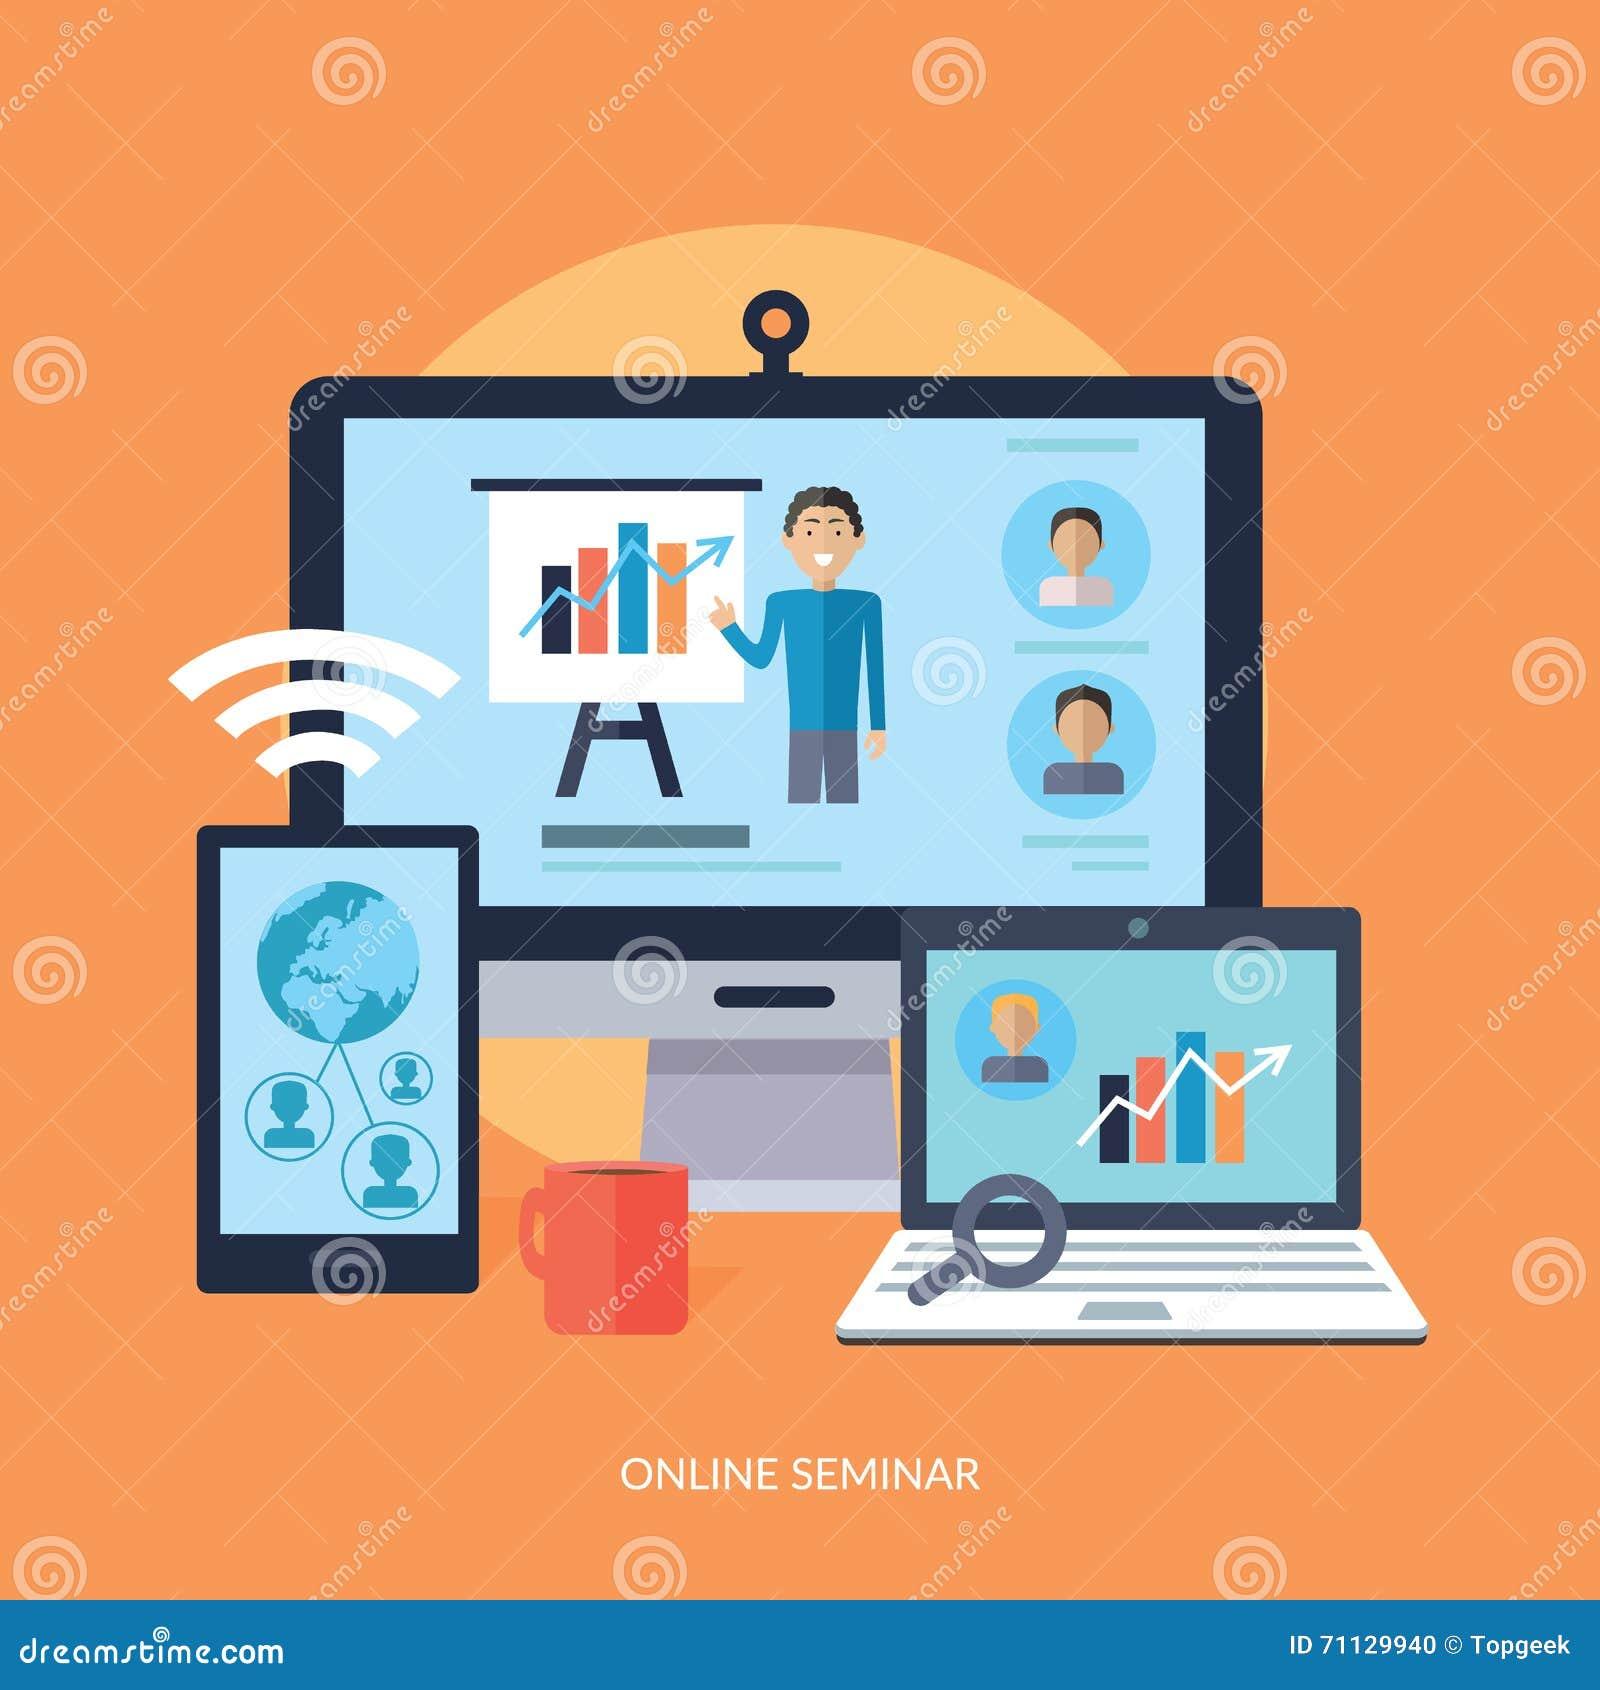 企业网上研讨会概念